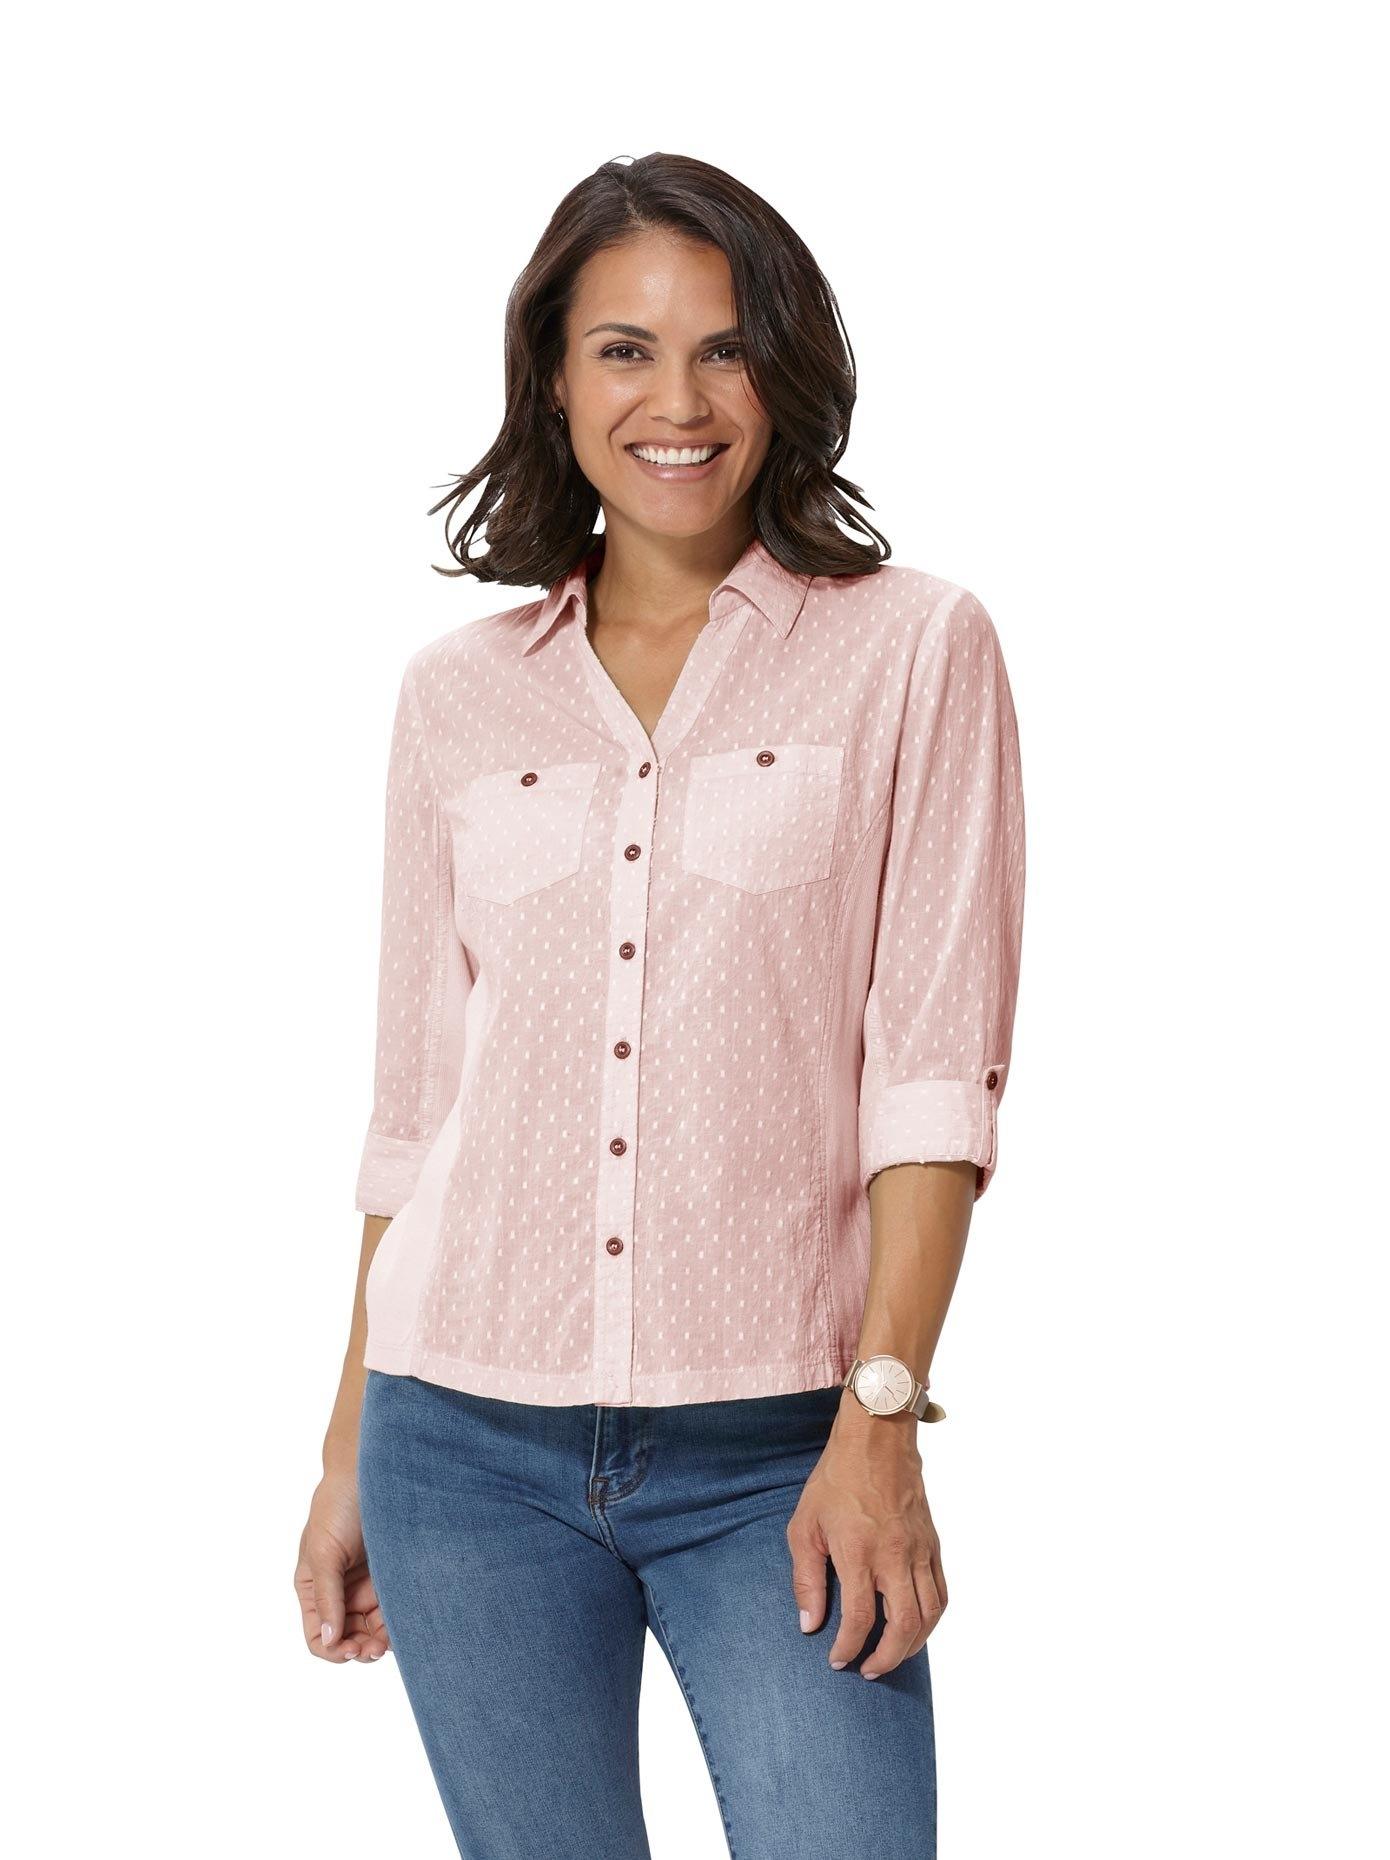 Casual Looks overhemdblouse voordelig en veilig online kopen